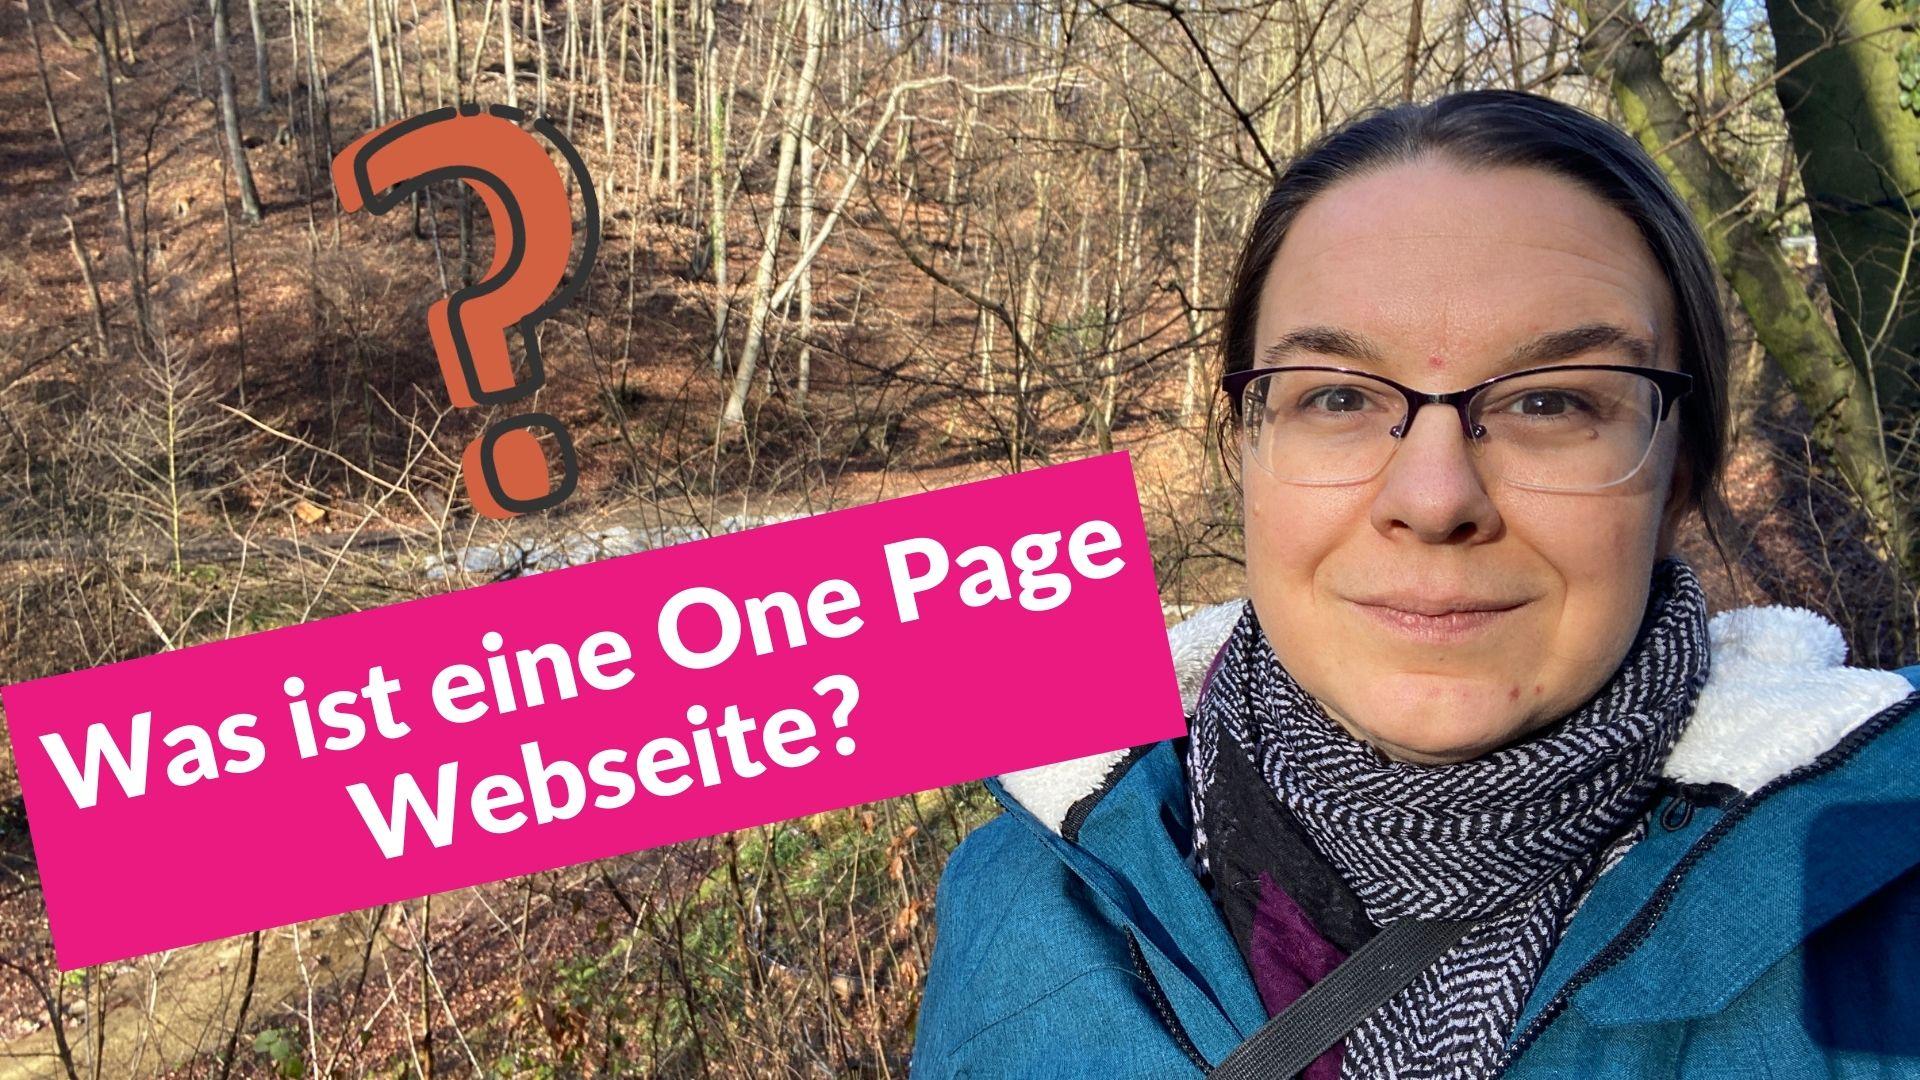 Was ist eine One Page Webseite